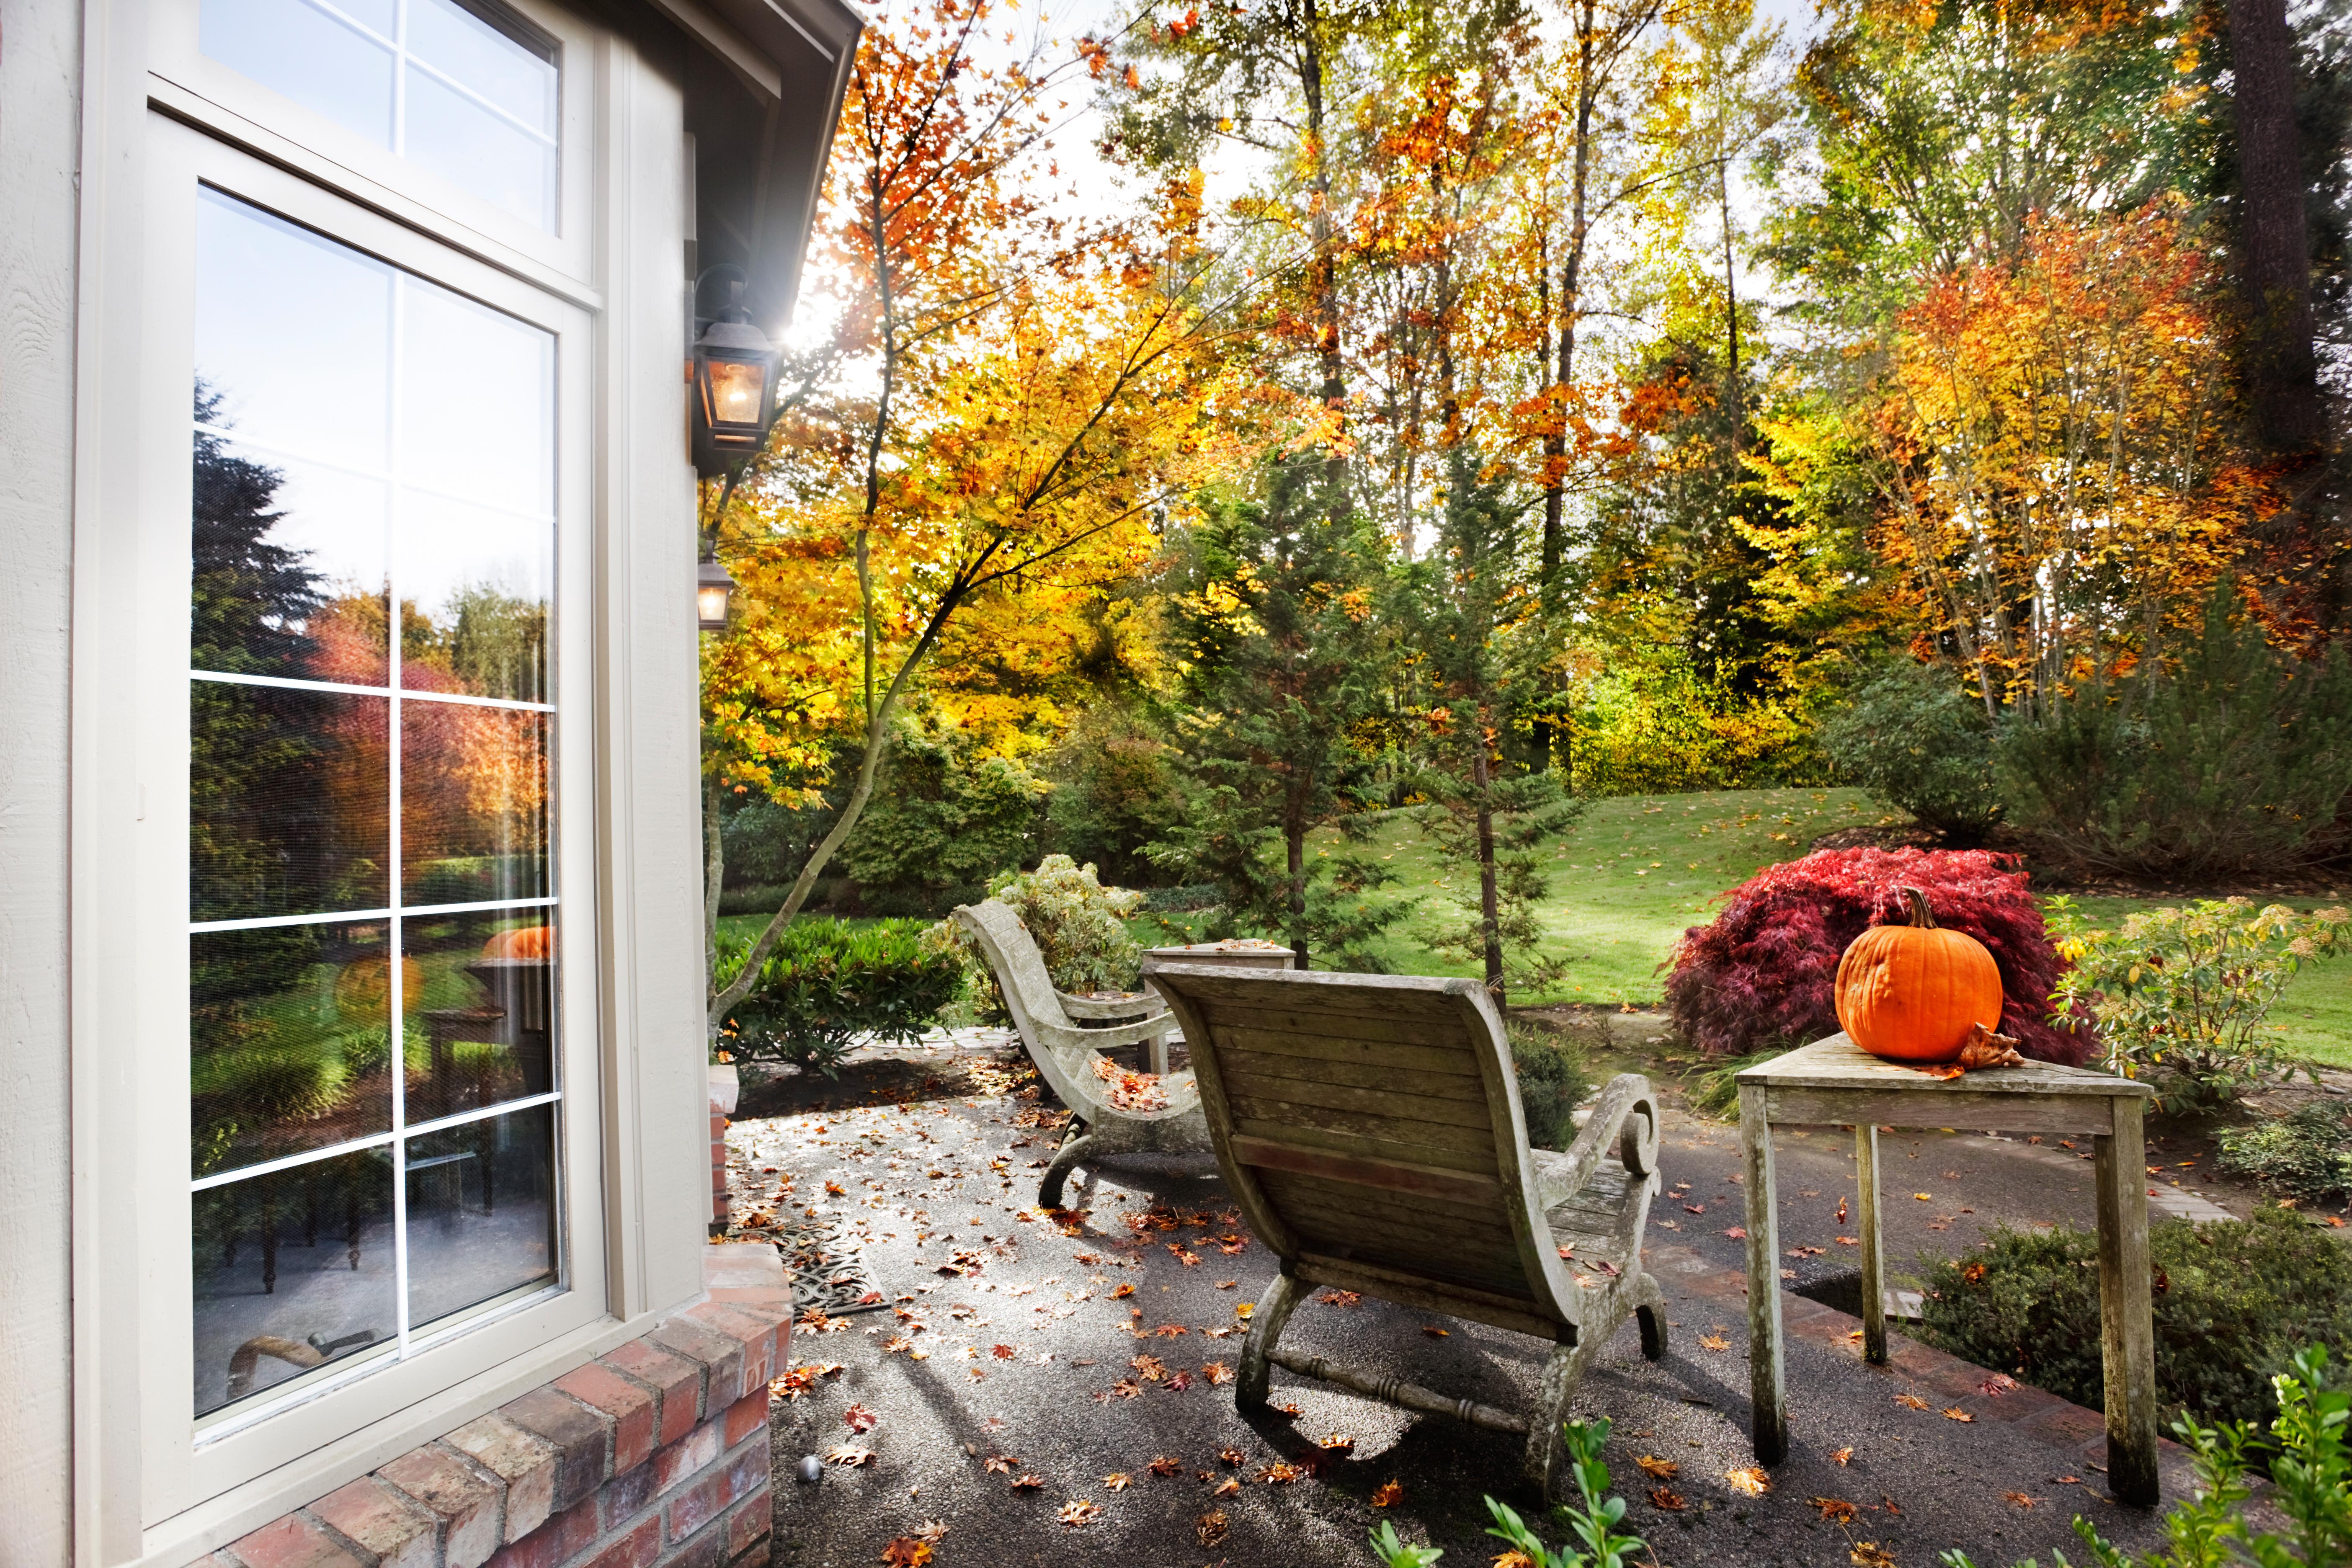 5 Tipps um die Terrasse herbstlich gestalten - so muss das!